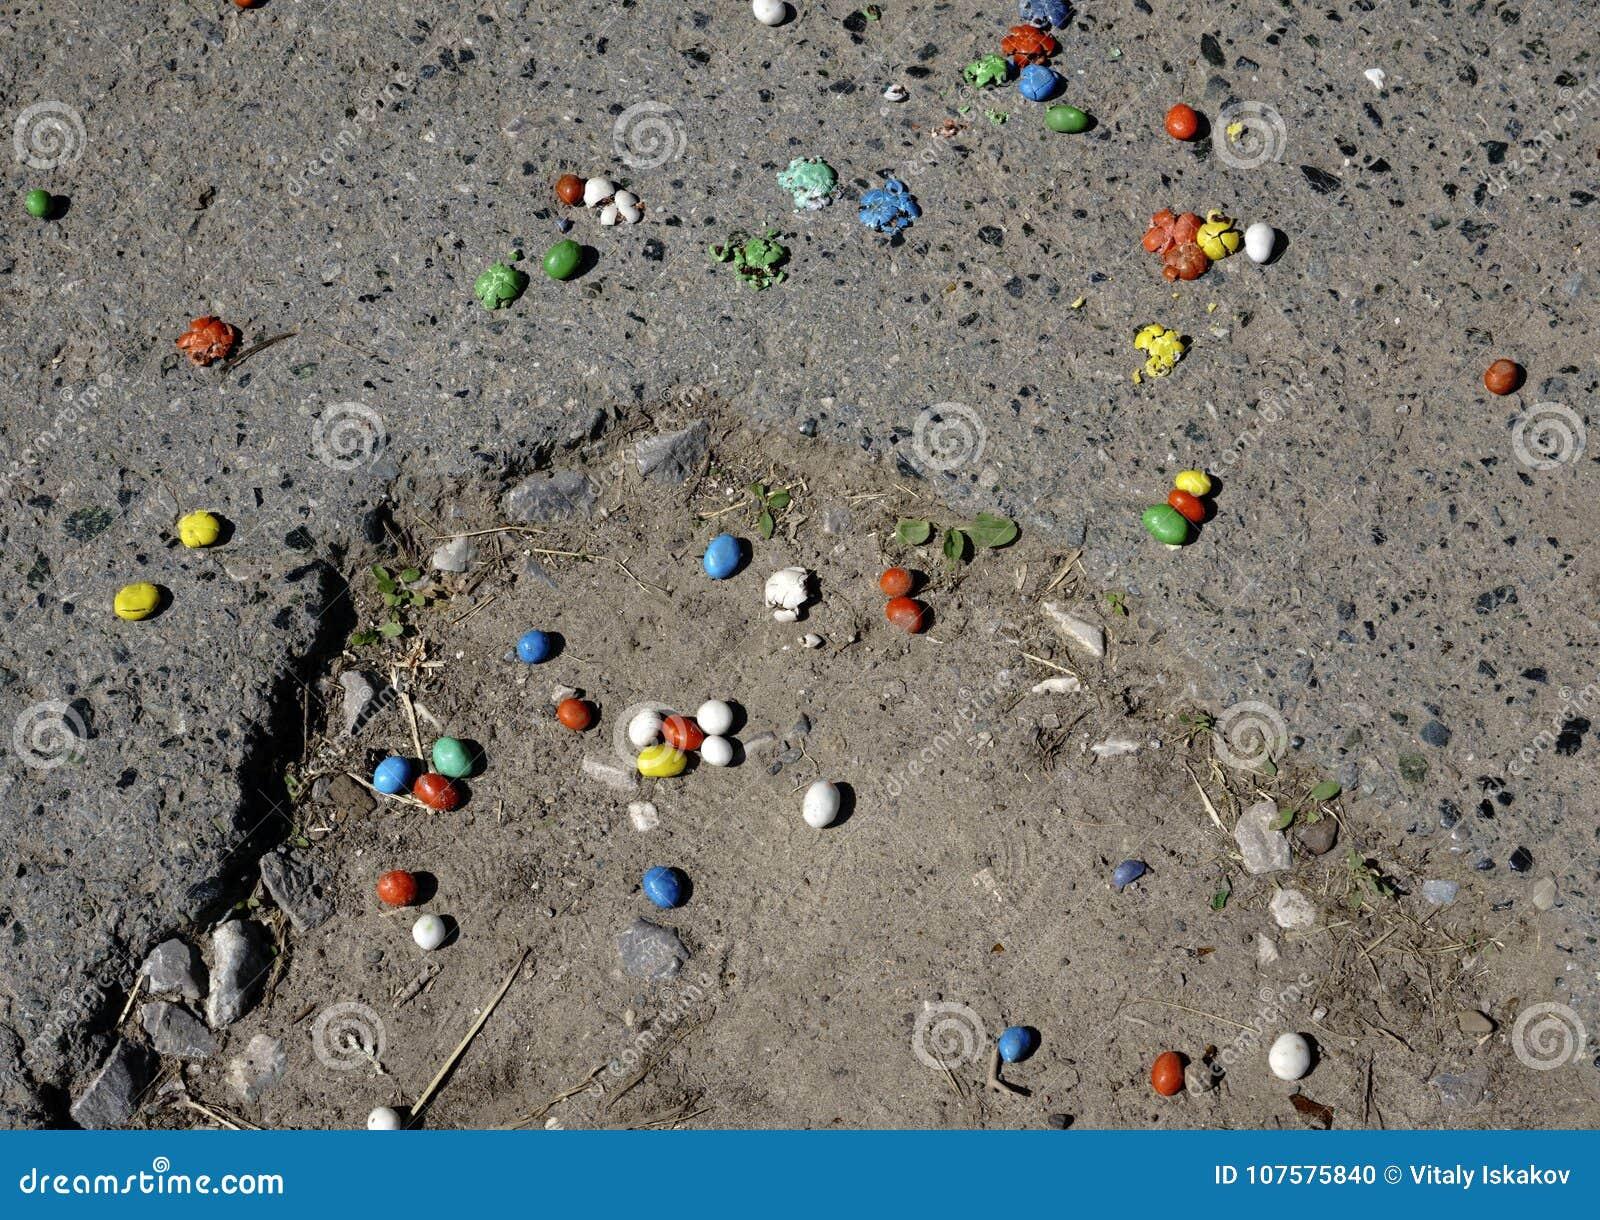 Pokruszony cukierek na drodze rozpraszającej niezobowiązująco